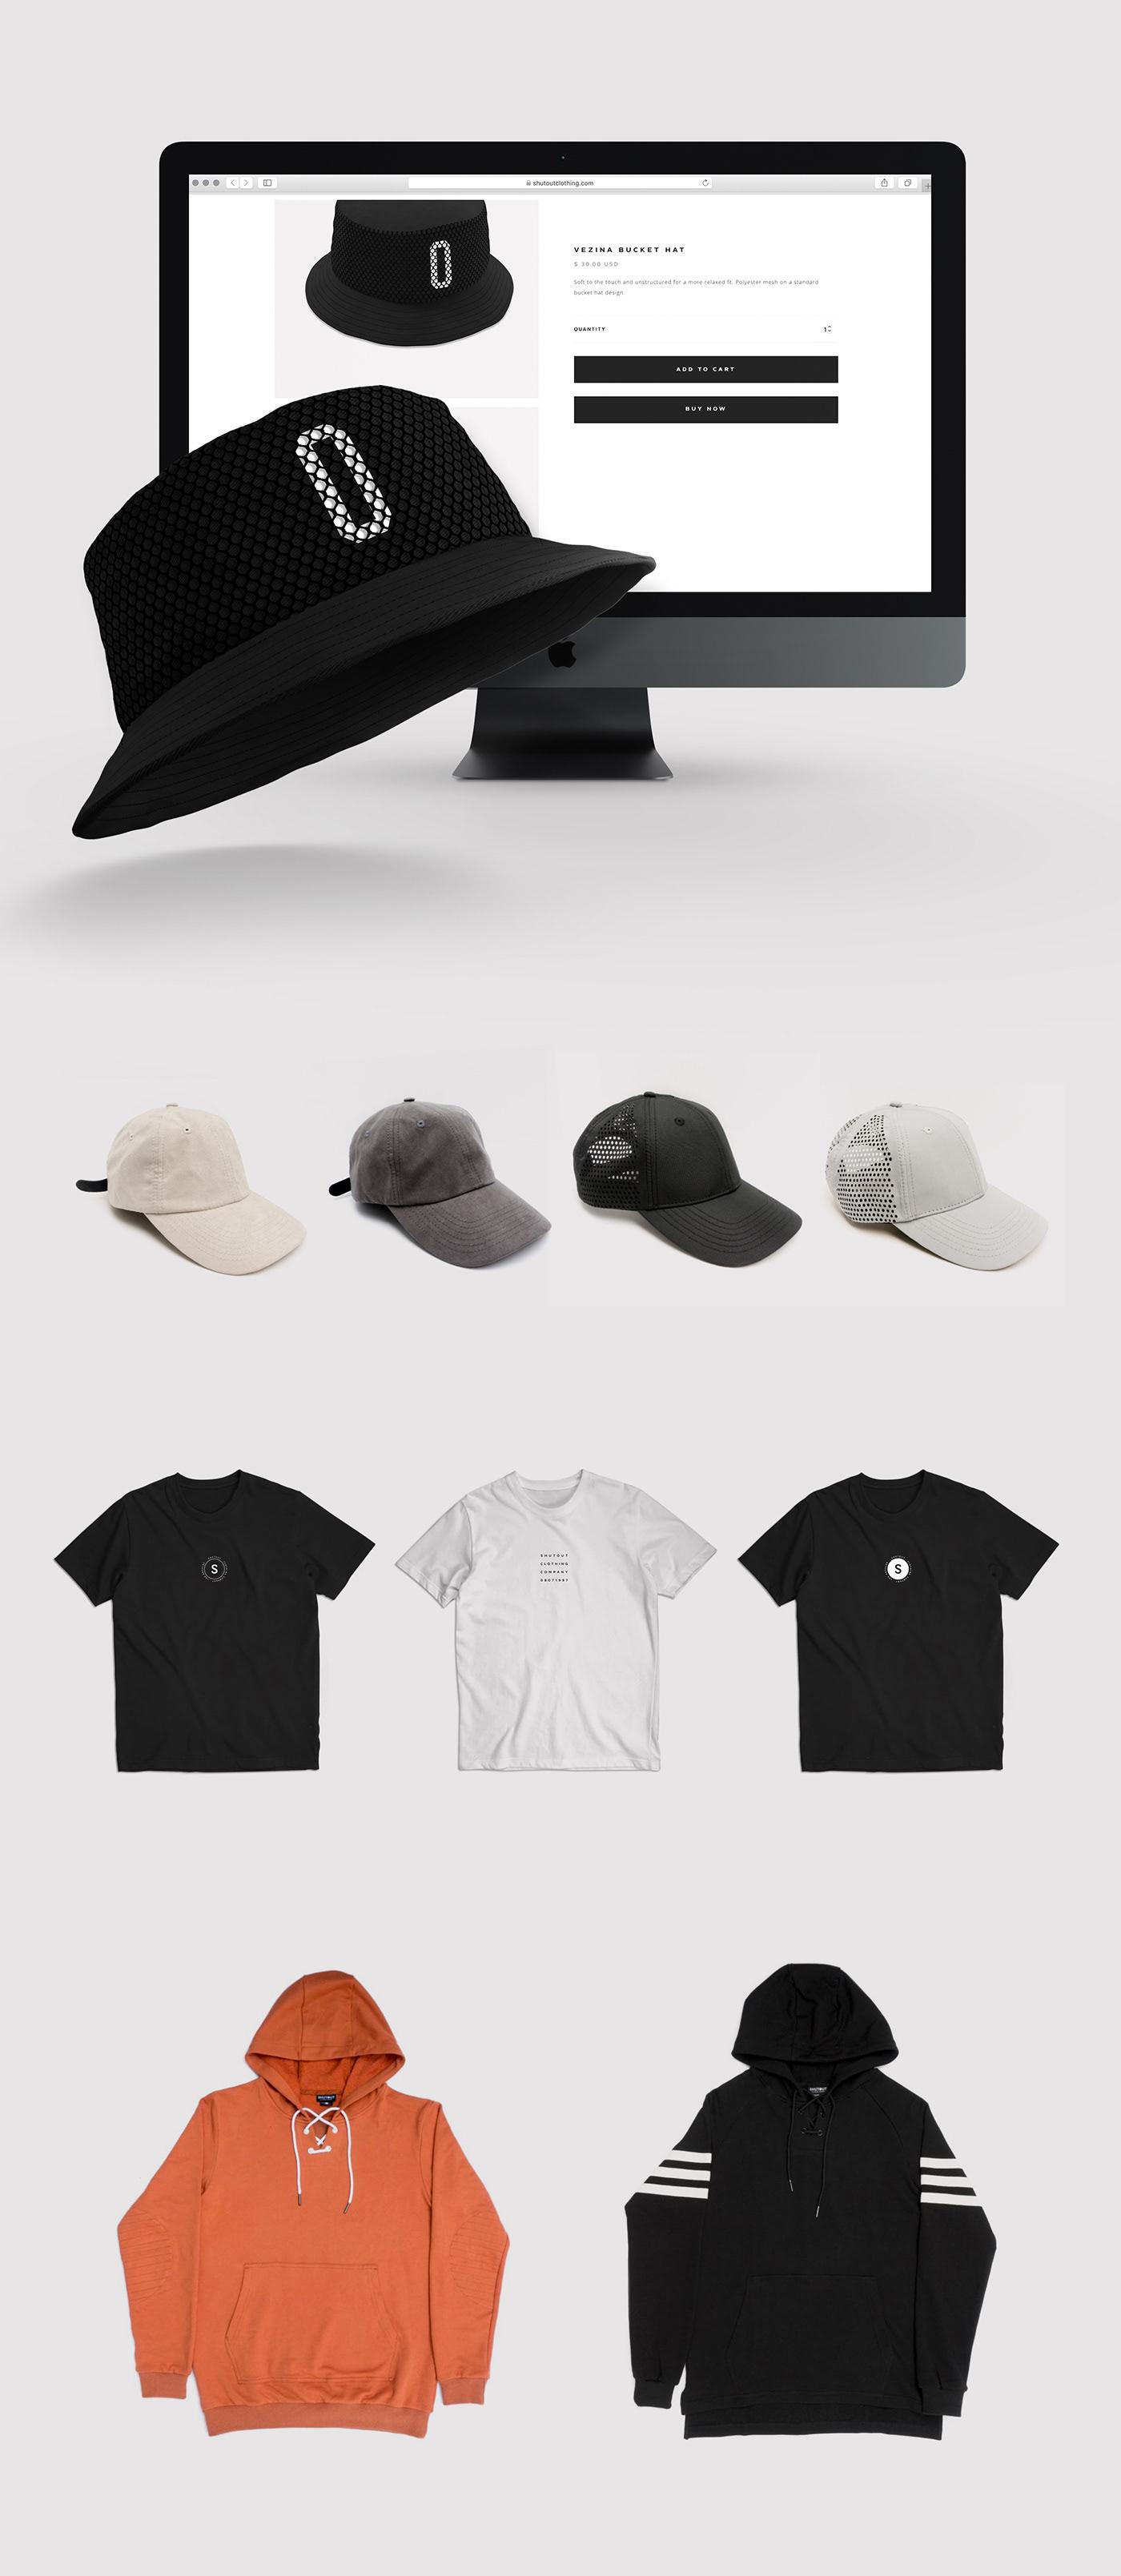 branding  clean Clothing designer minimal simple streetwear Web Design